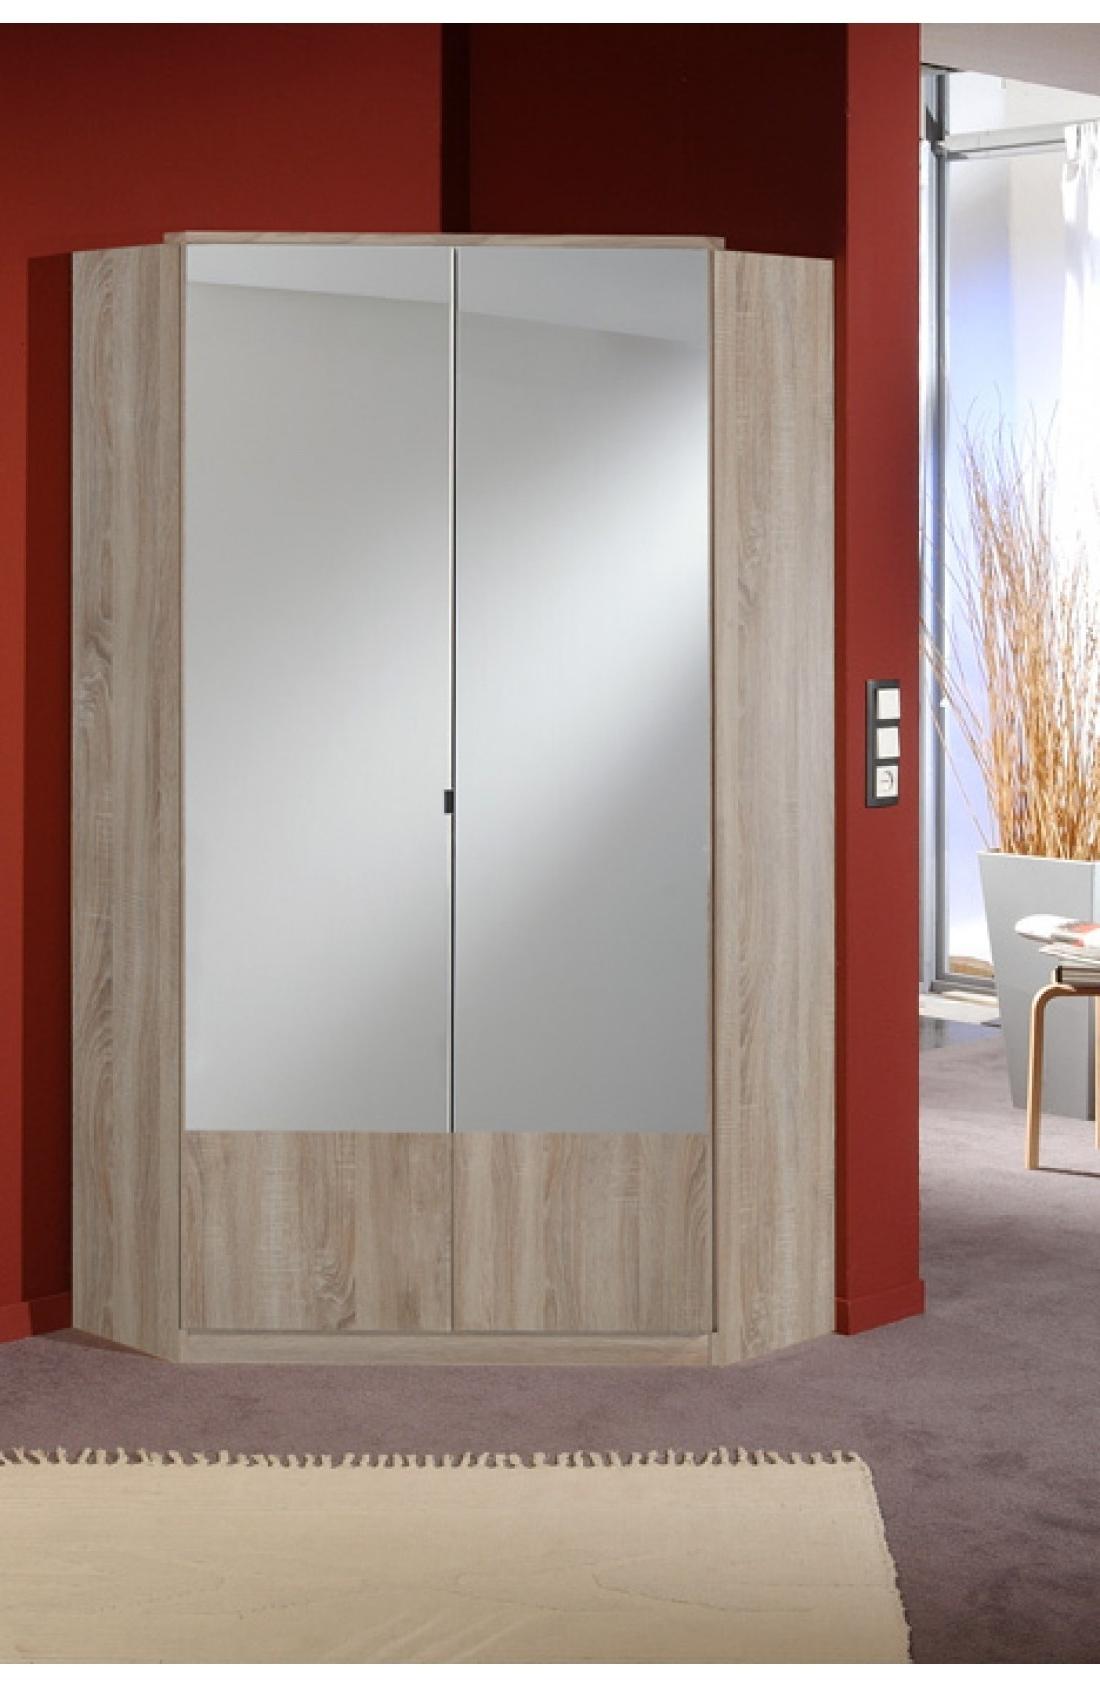 Recent Slumberhaus 'imago' German Made Modern Light Oak & Mirror 2 Door Pertaining To Oak Corner Wardrobes (View 13 of 15)